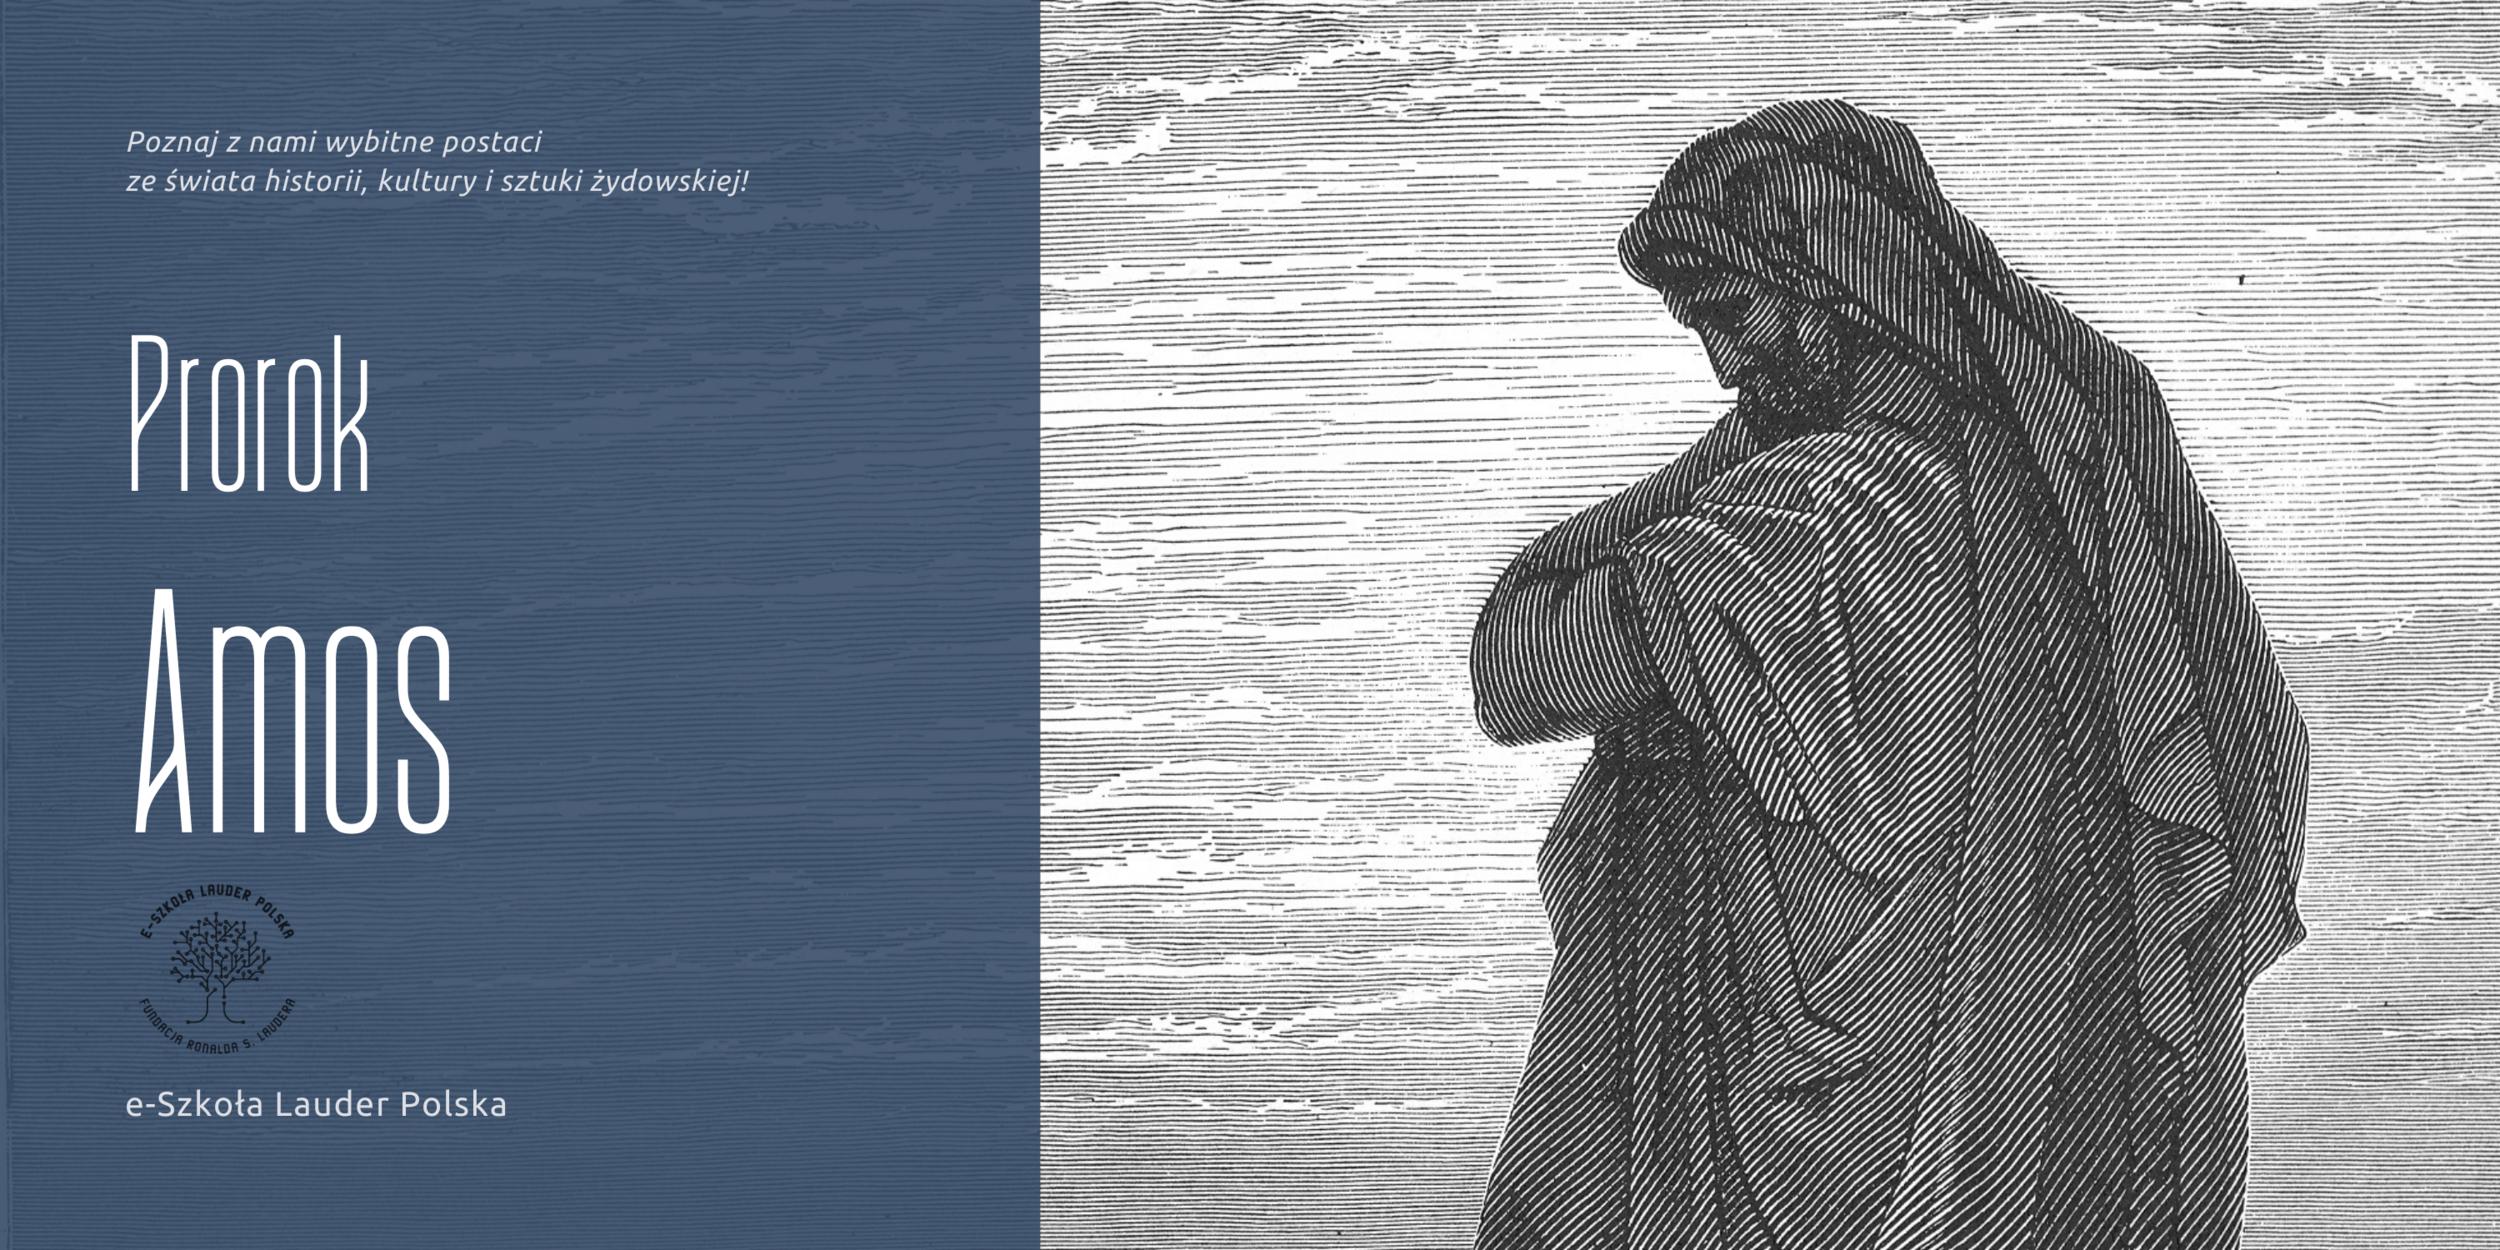 Amos – prorok, hodowca trzód i aktywista społeczny